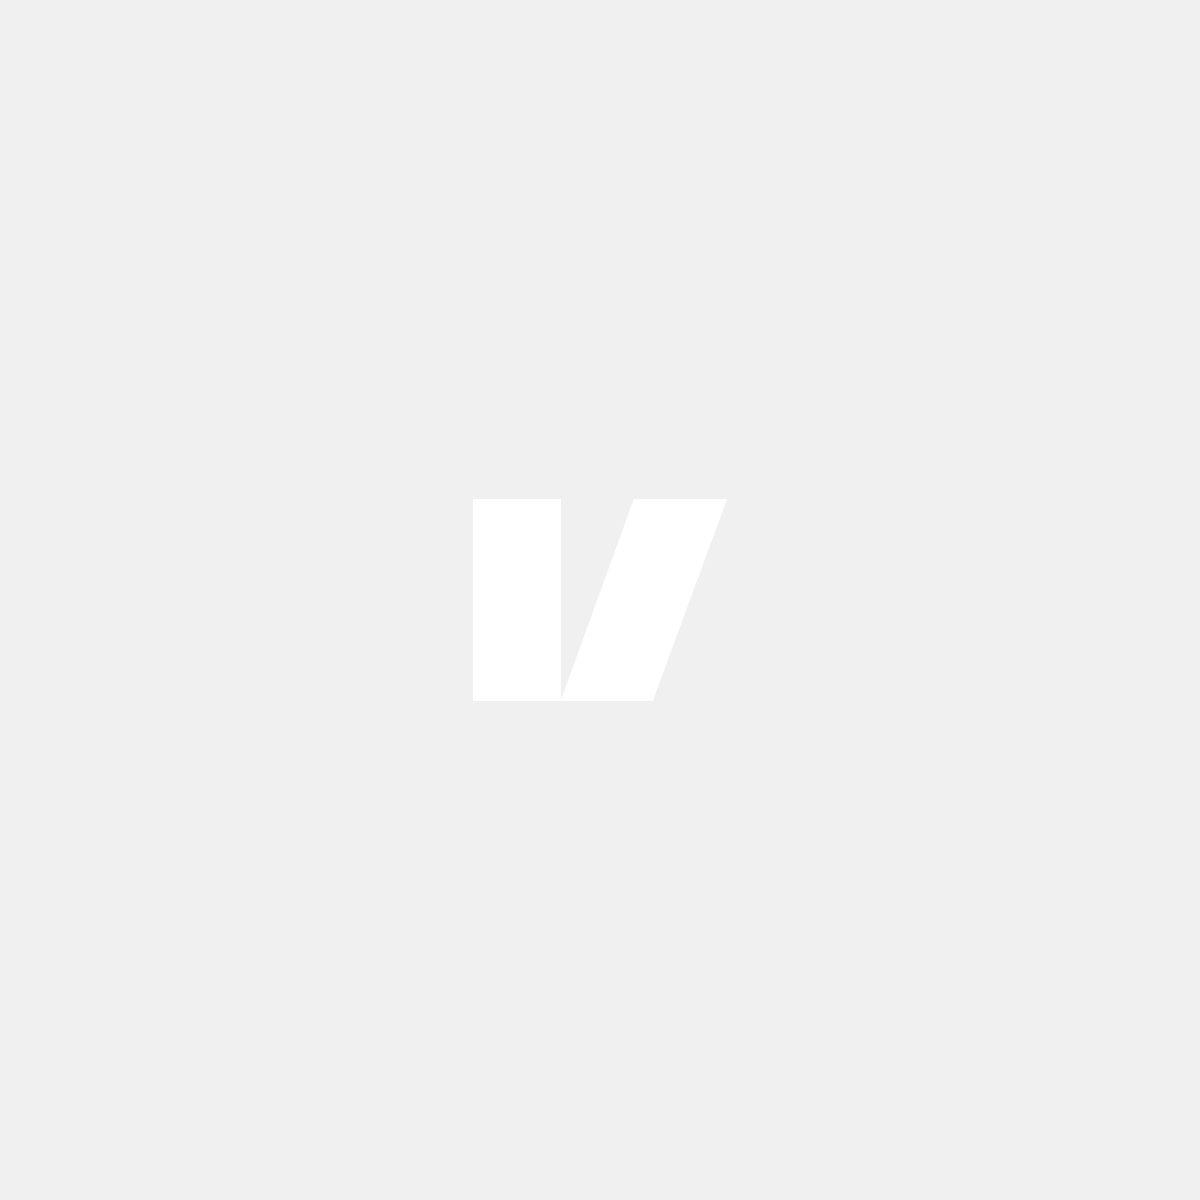 USA-Blinkers till Volvo S70 V70 C70, förarsidan